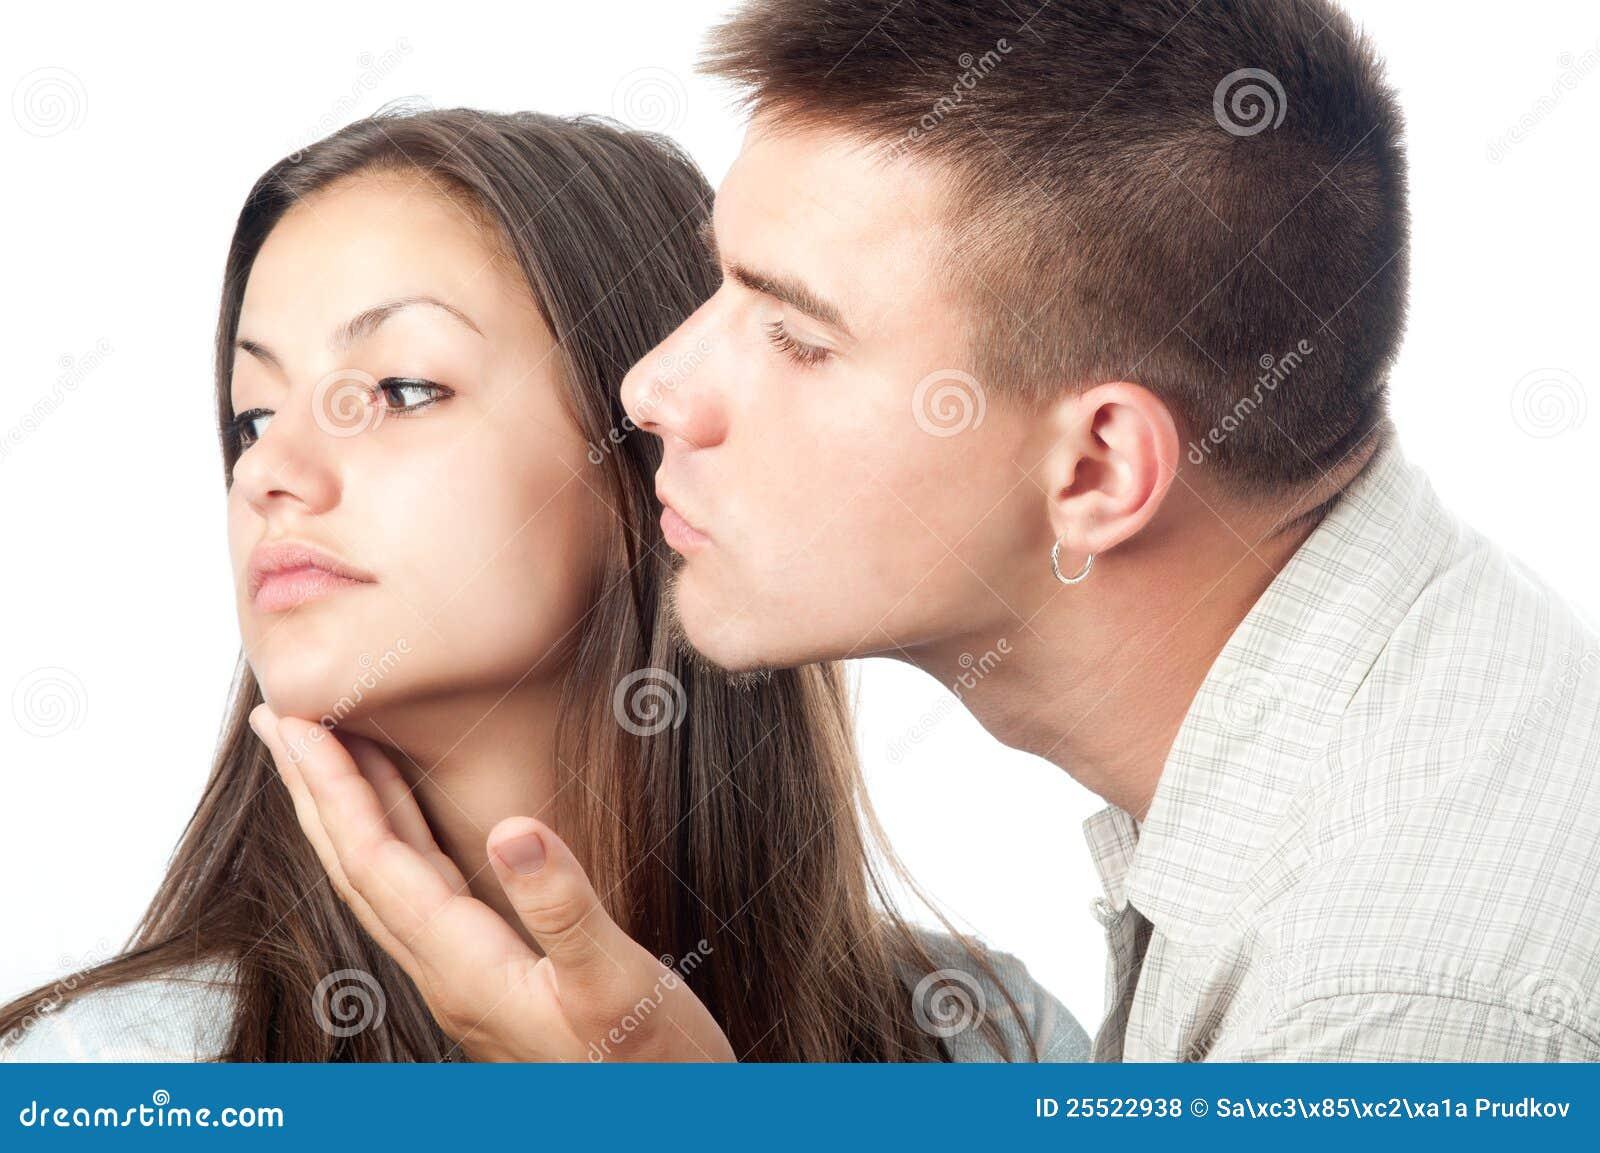 Как сделать отворот от его девушки